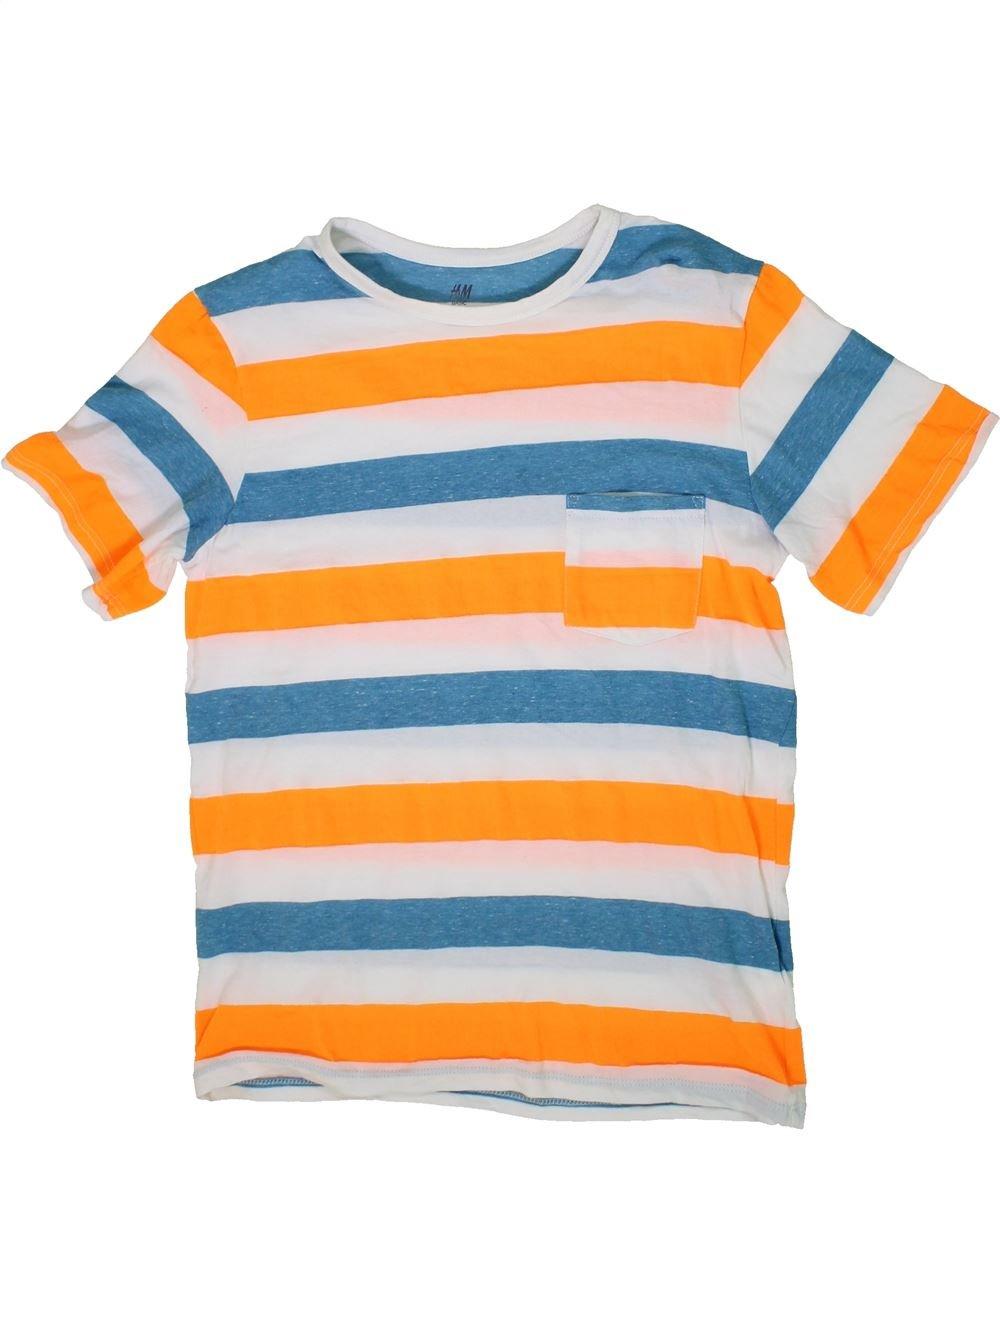 80aca203a6036 T-shirt manches courtes orange H M du 14 ans pour Garcon - 1294927